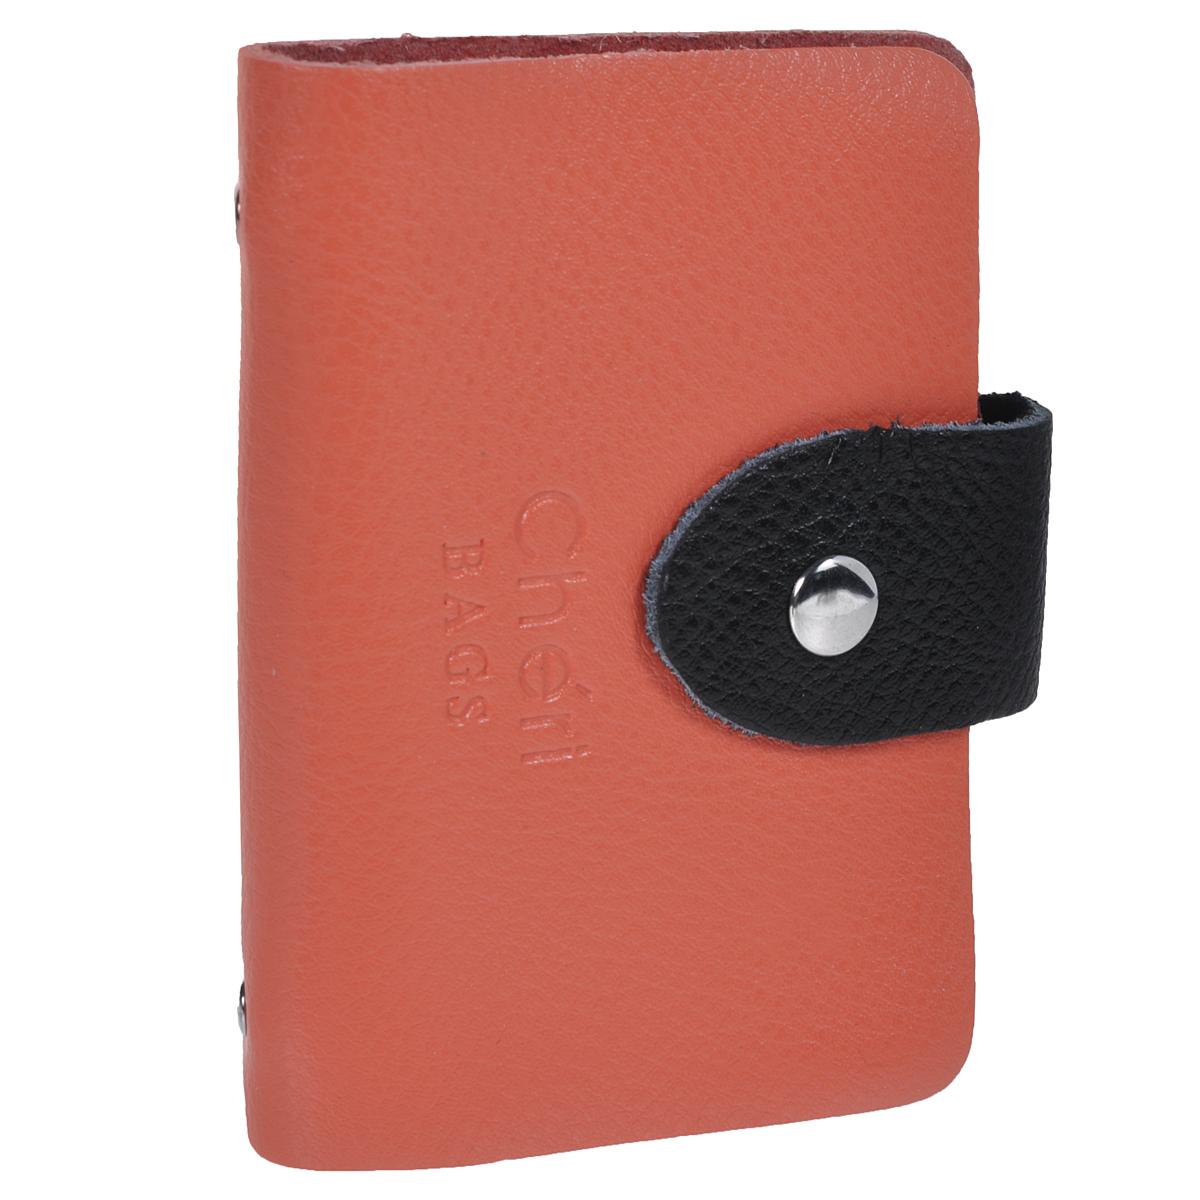 Визитница Cheribags, цвет: коралловый, черный. V-0498-32993224Трендовая визитница Cheribags изготовлена из натуральной кожи и декорирована тисненым названием бренда спереди. Изделие закрывается хлястиком на кнопку. Внутри - блок из прозрачного мягкого пластика на 26 визиток, который крепится к корпусу визитницы на металлические заклепки.Стильная визитница - это не только практичная вещь для хранения пластиковых карт, но и модный аксессуар, который подчеркнет ваш неповторимый стиль.